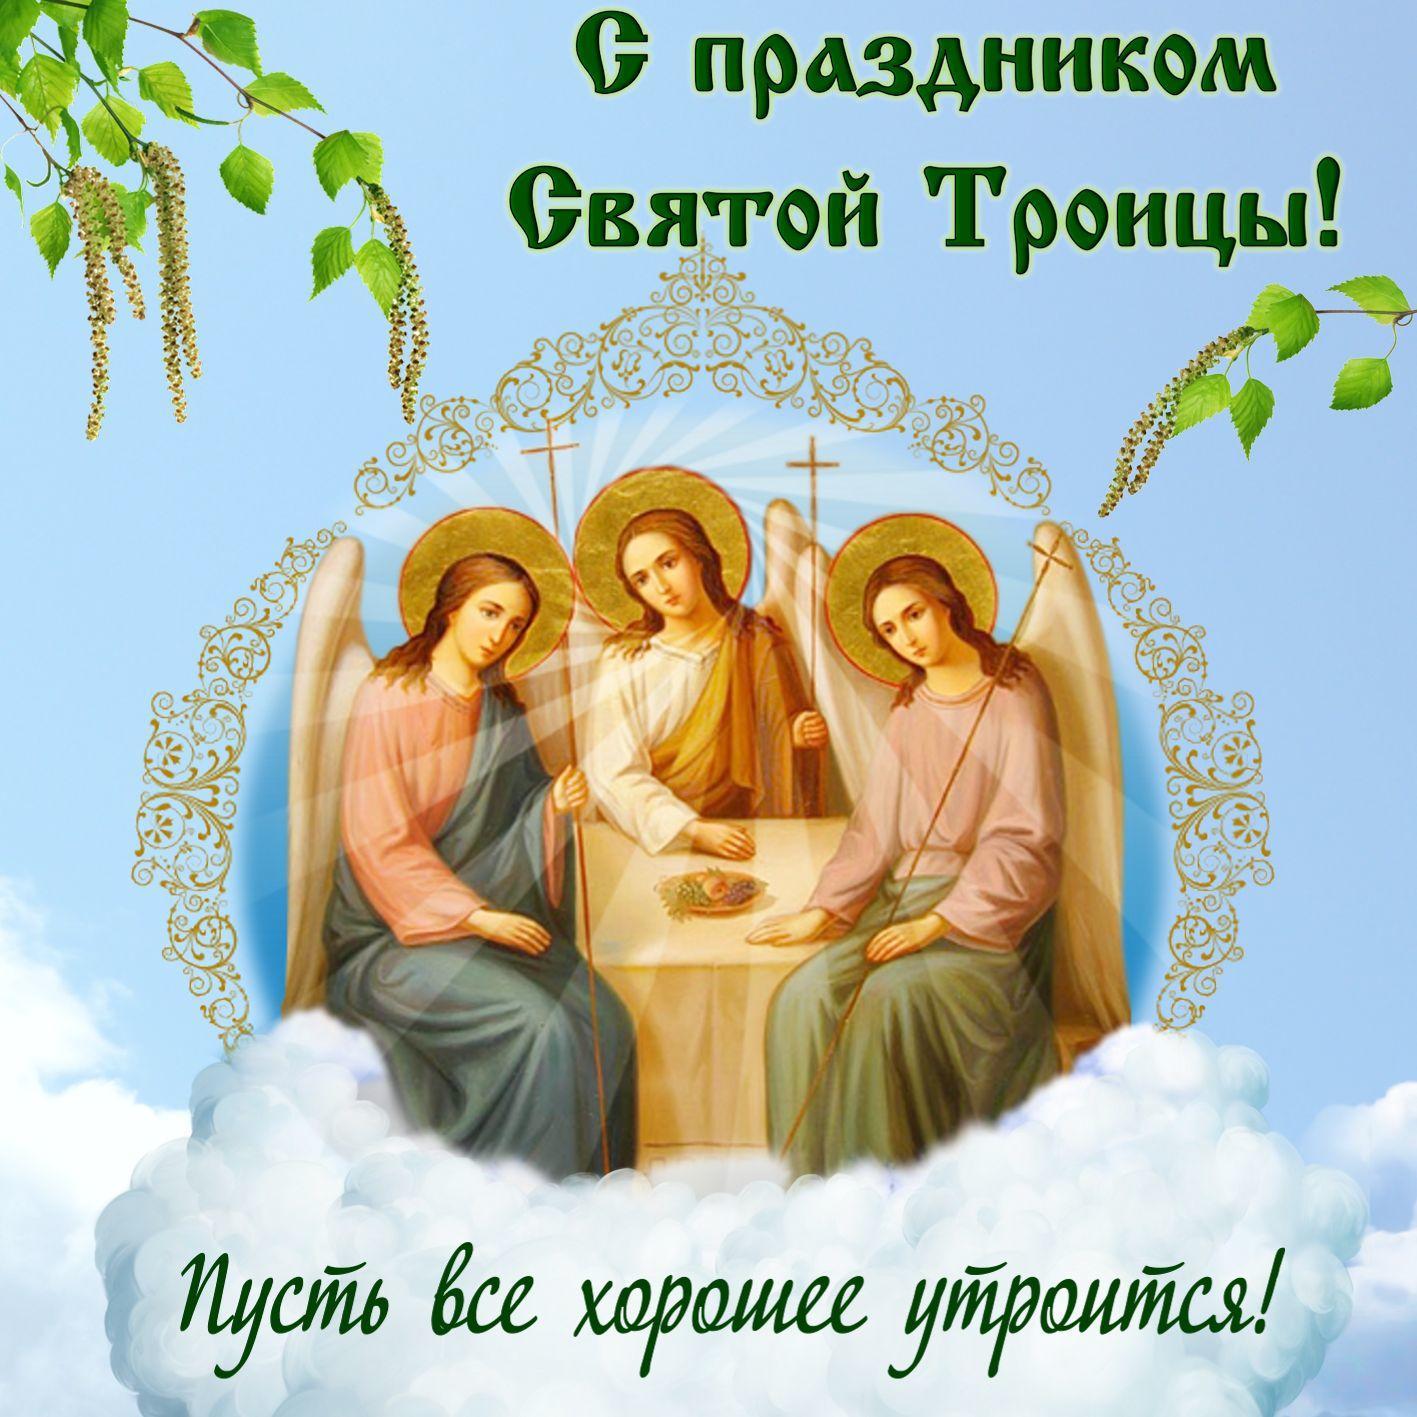 Икона святая троица и поздравление